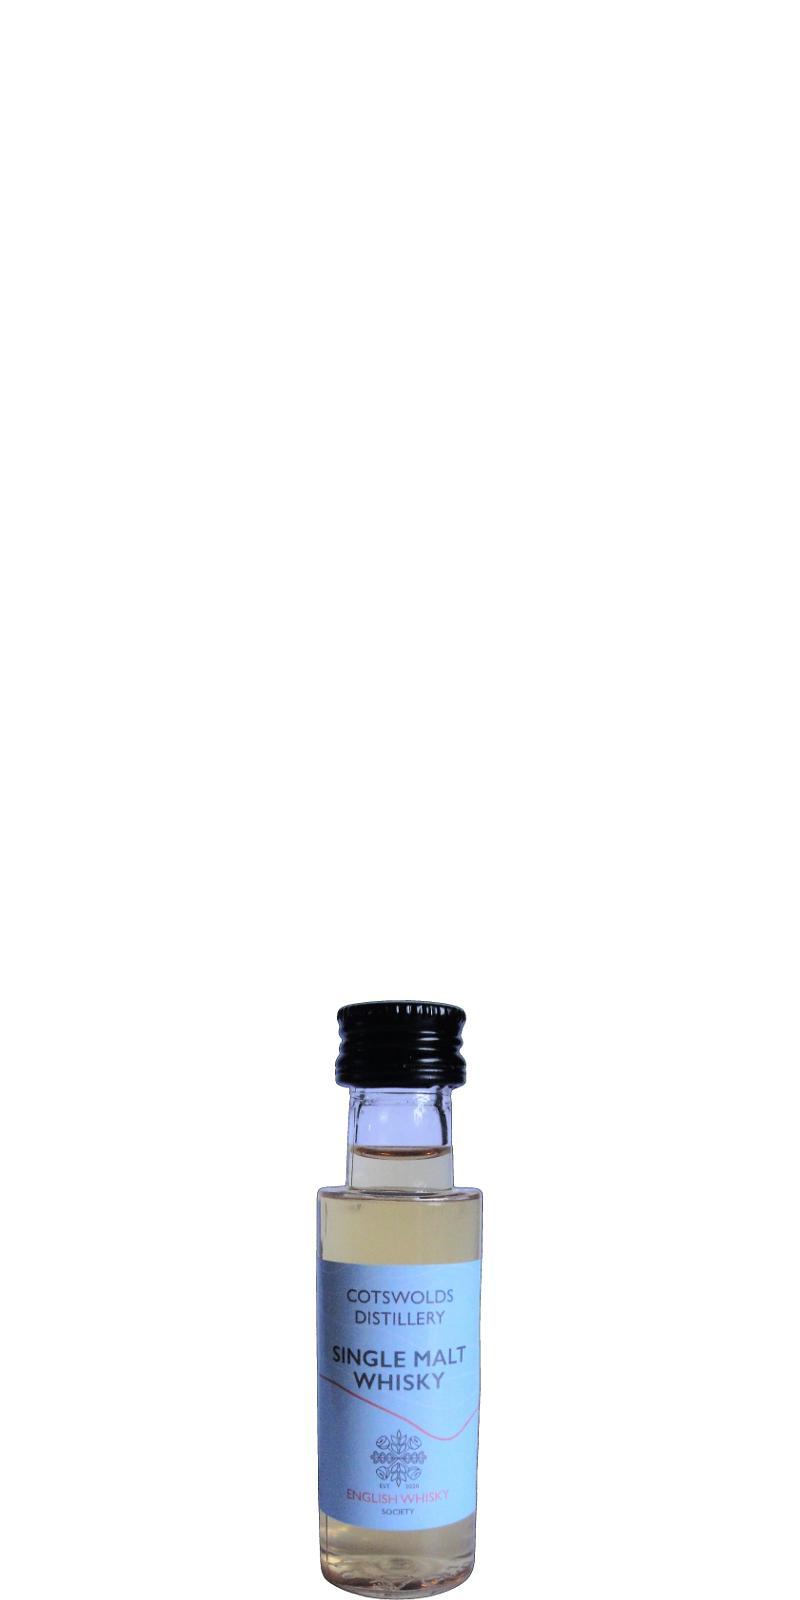 Cotswolds Distillery Single Malt TDT